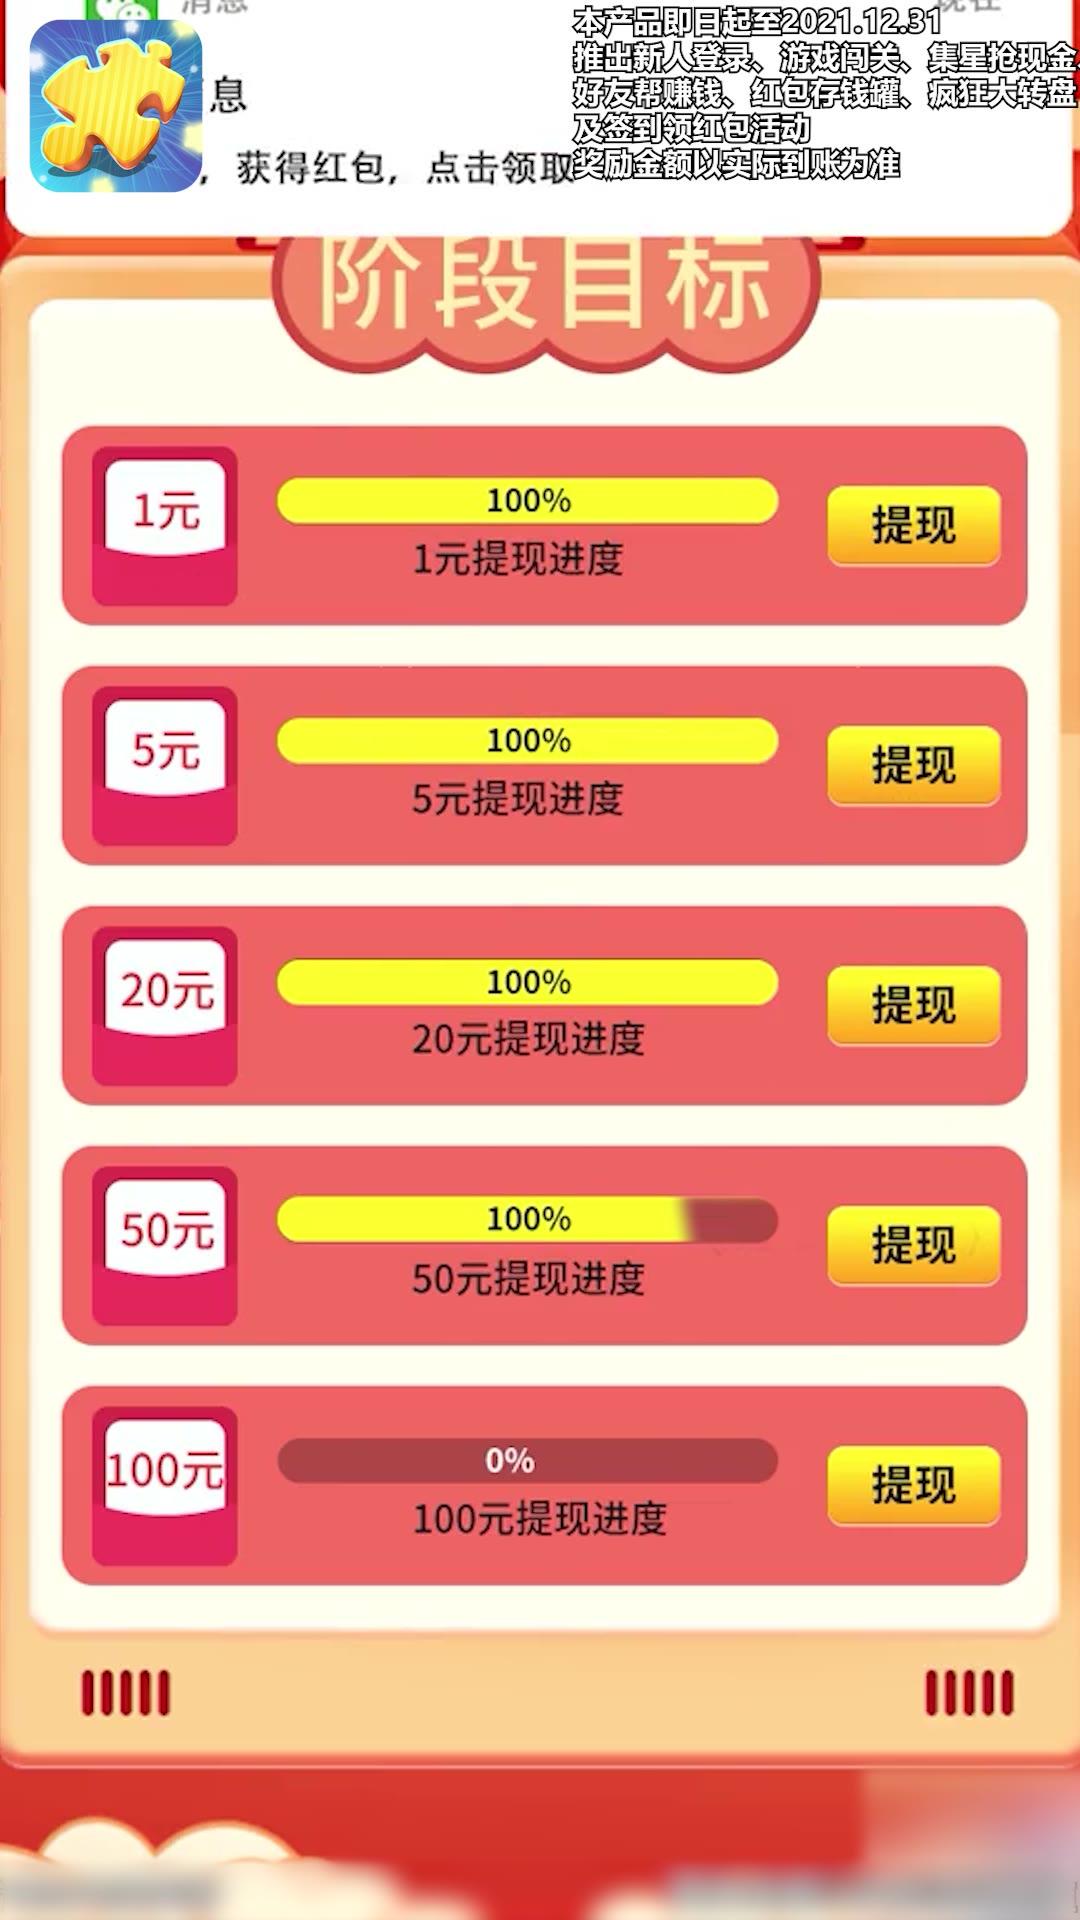 咔咔拼拼乐红包版图4